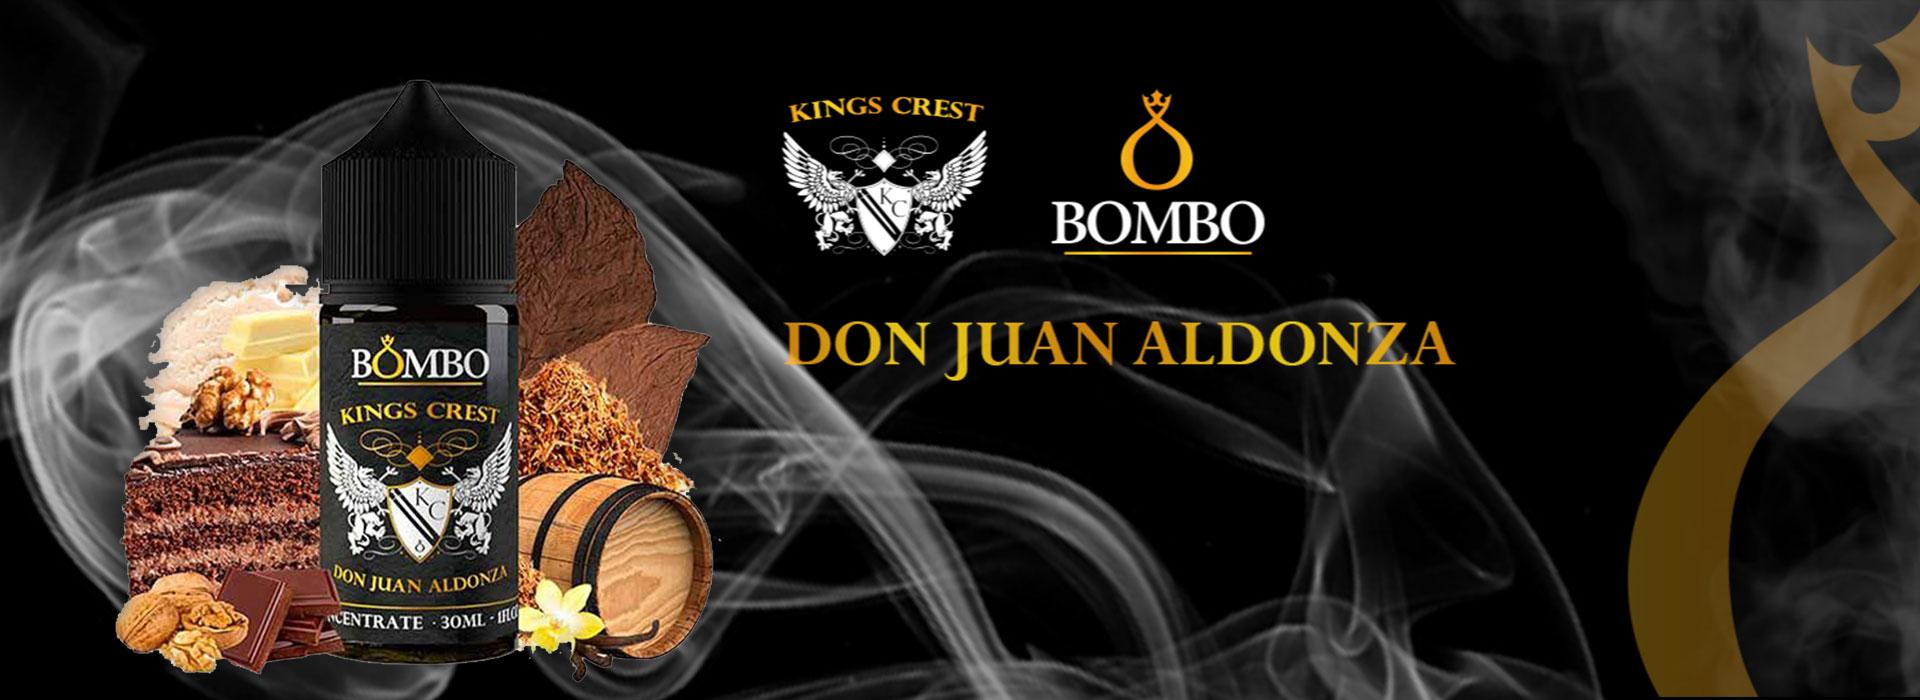 Don Juan Aldonza